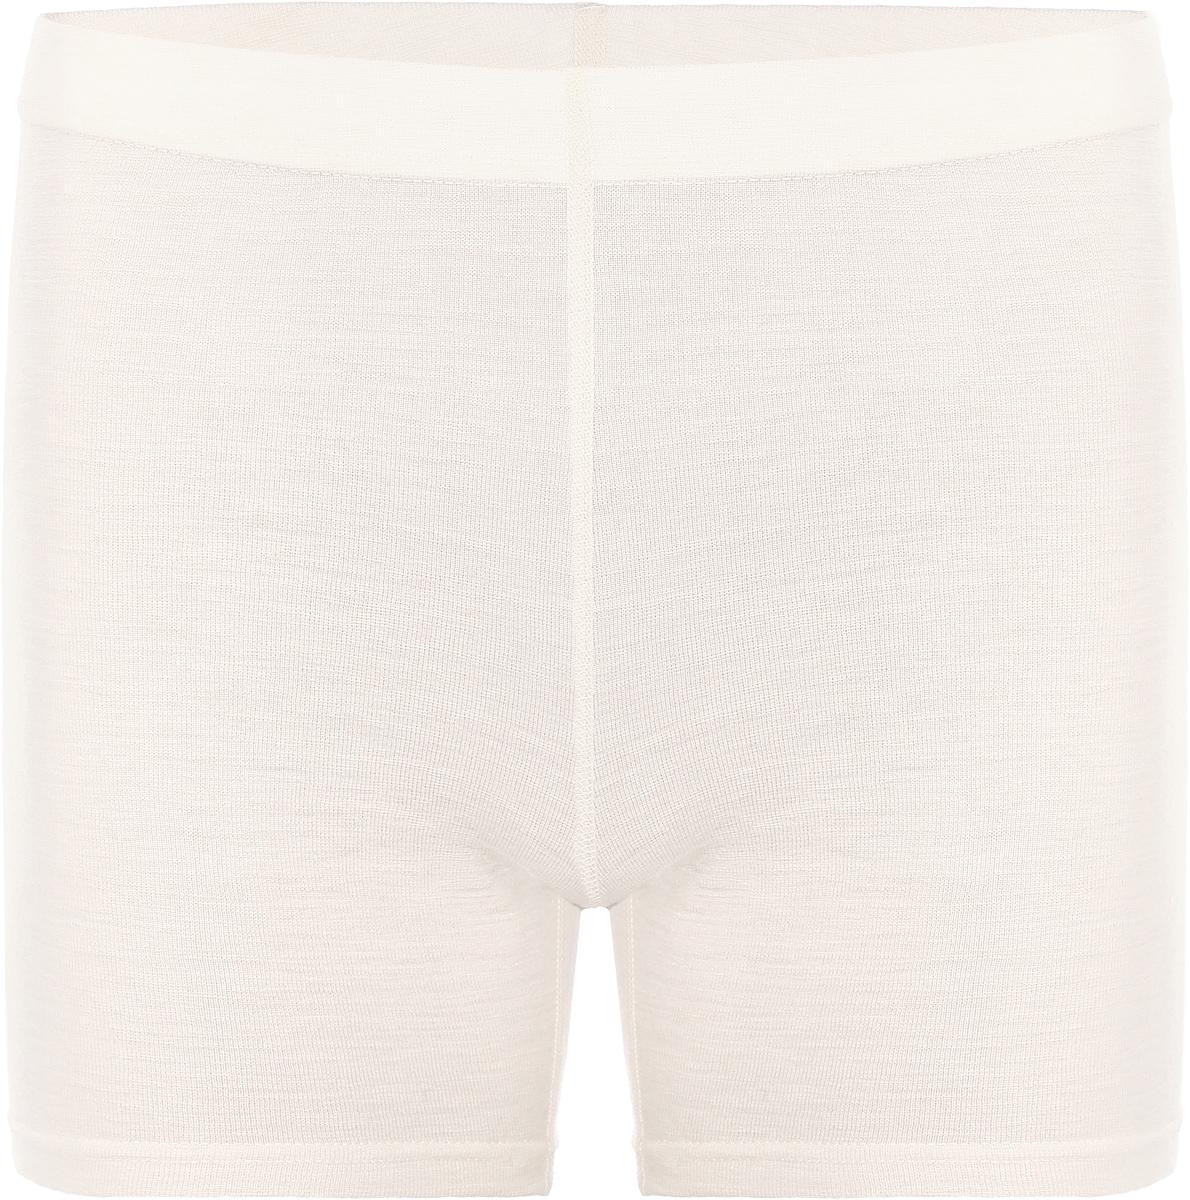 Термобелье шорты женские Dr. Wool, цвет: бежевый. DWUL 207. Размер 48/50DWUL 207Шорты Dr. Wool выполнены из мериносовой шерсти. Модель не стесняет движения, не нарушая вашего комфорта. Плотное облегание женского термобелья позволяет носить его под другой одеждой в качестве первого слоя, не натирая при этом кожу. Благодаря специальной структуре волокна осуществляется защита тела от переохлаждения и перегрева. Это же позволяет нейтрализовать неприятный запах и испарять влагу. Мягкие швы, манжеты и резинка не доставляют дискомфорта.